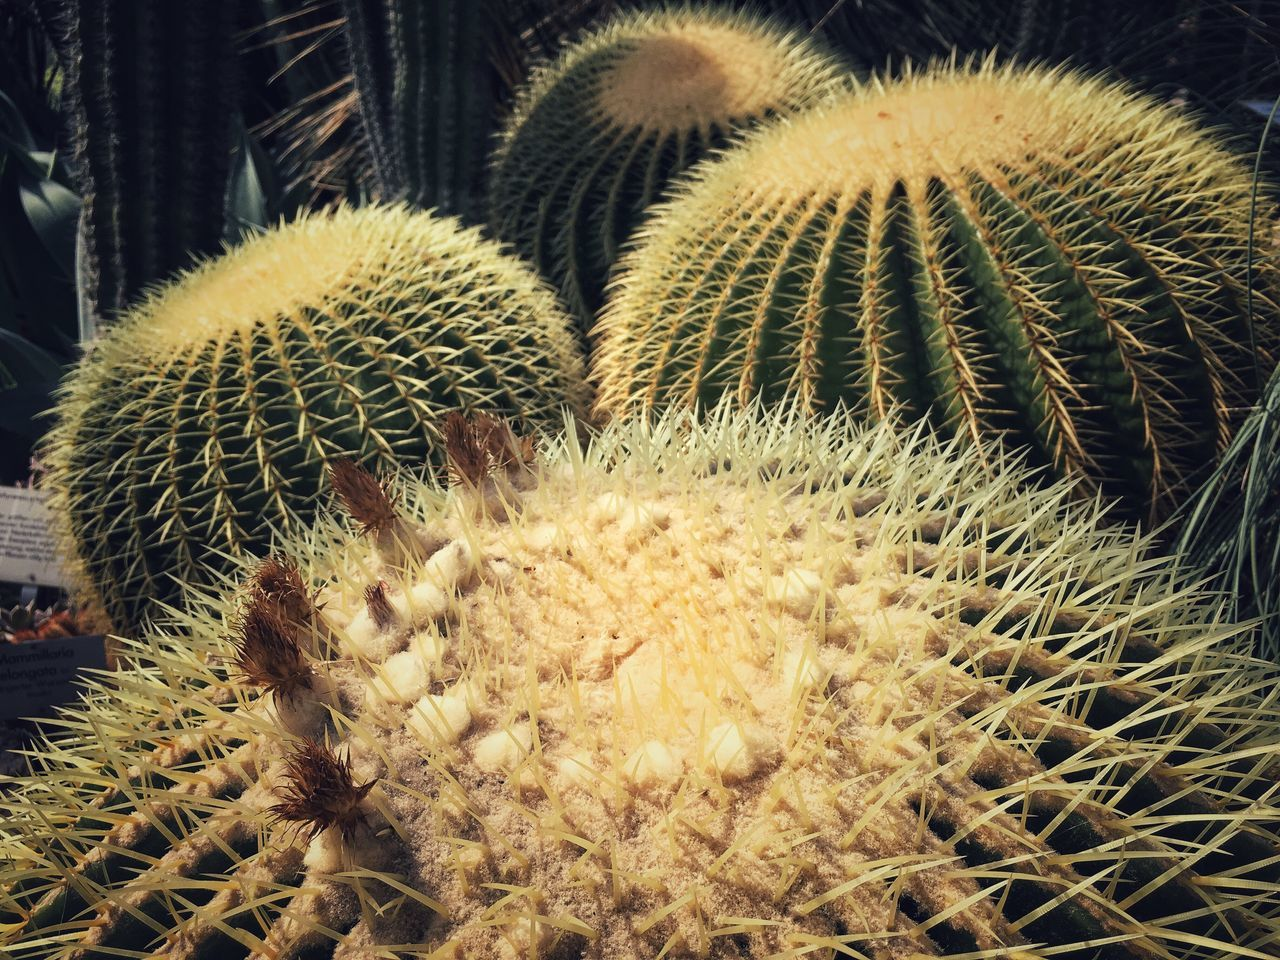 Golden Barrel Cactus Goldkugelkaktus Topfpflanzen Kaktus Golden Ball Big Cactus Cactus Blossom Botanic Garden Botanischer Garten